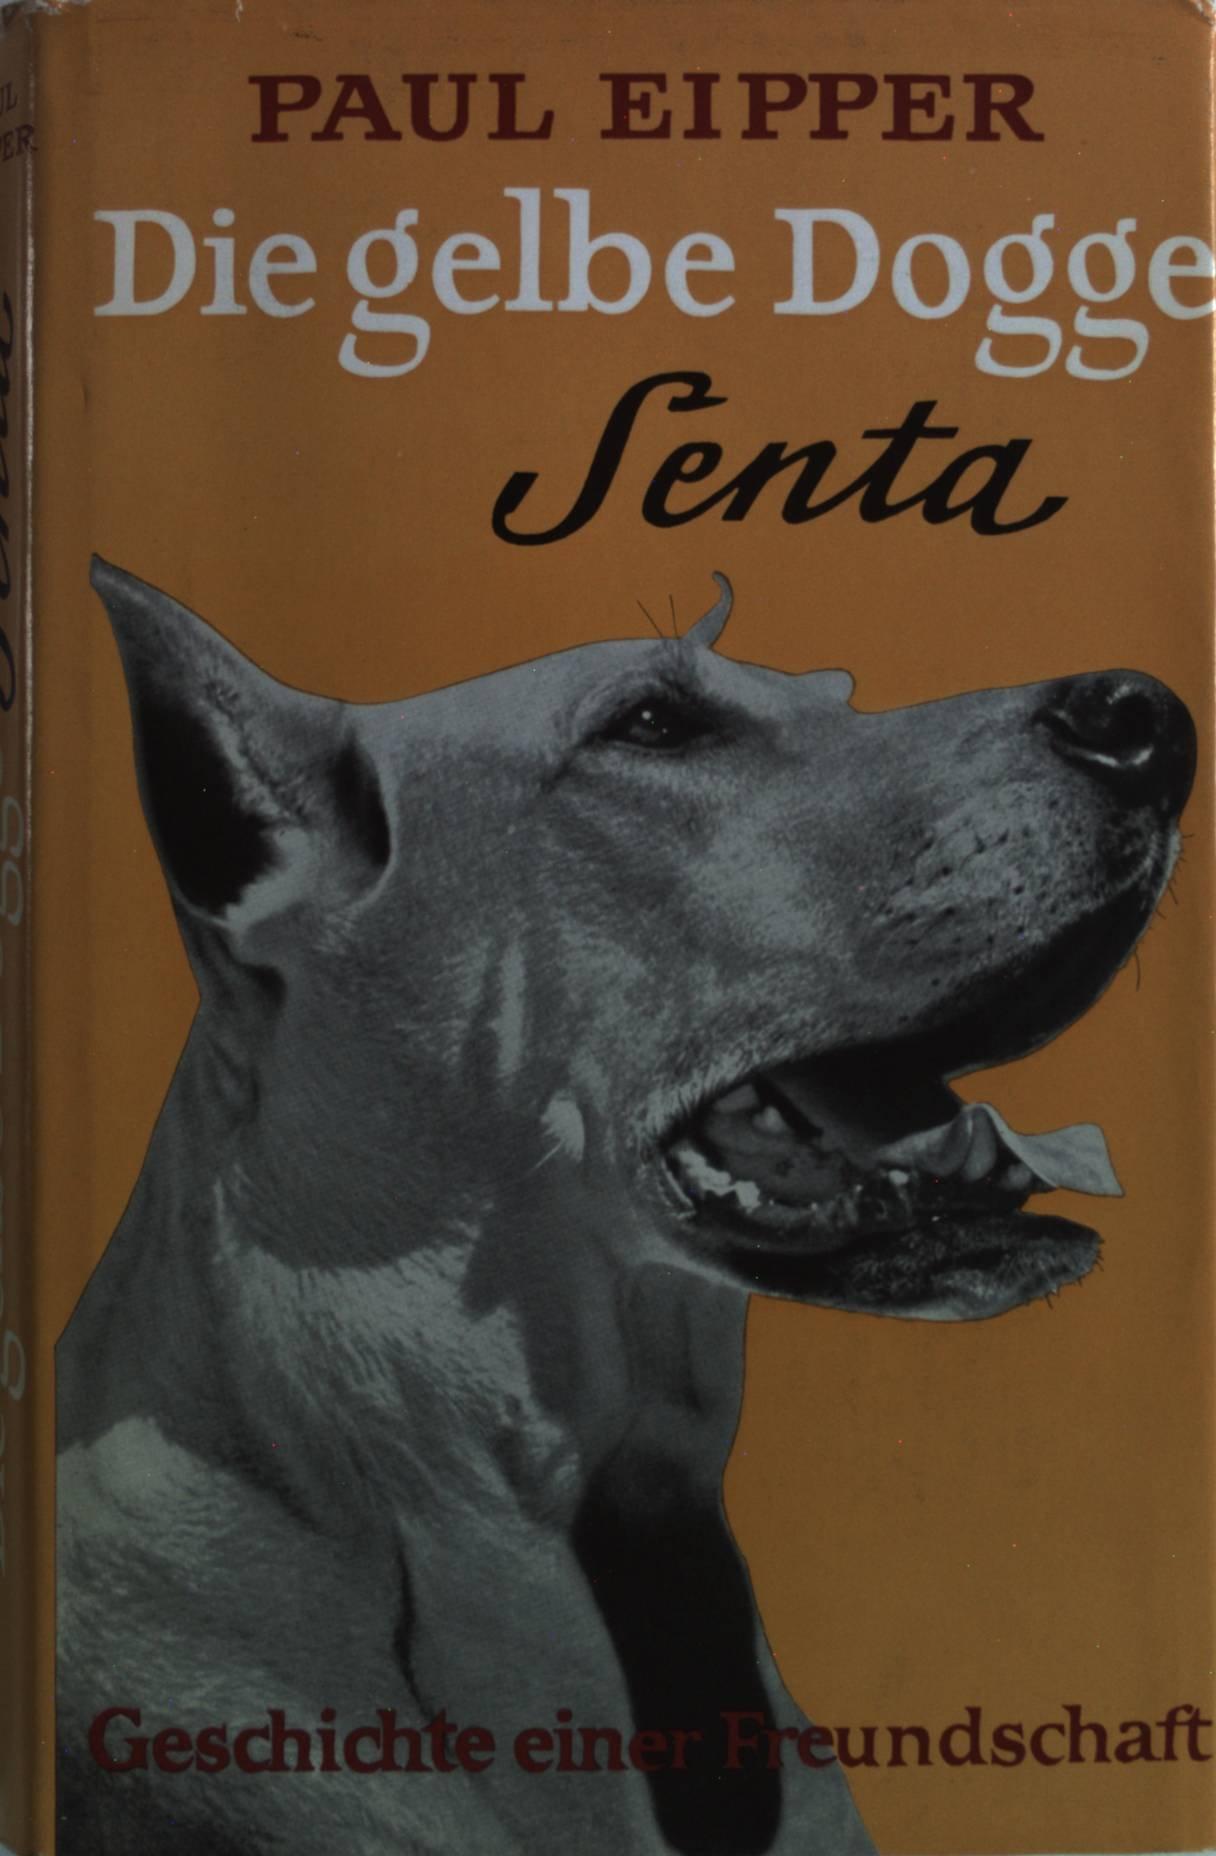 Die gelbe Dogge Senta. Geschichte einer Freundschaft